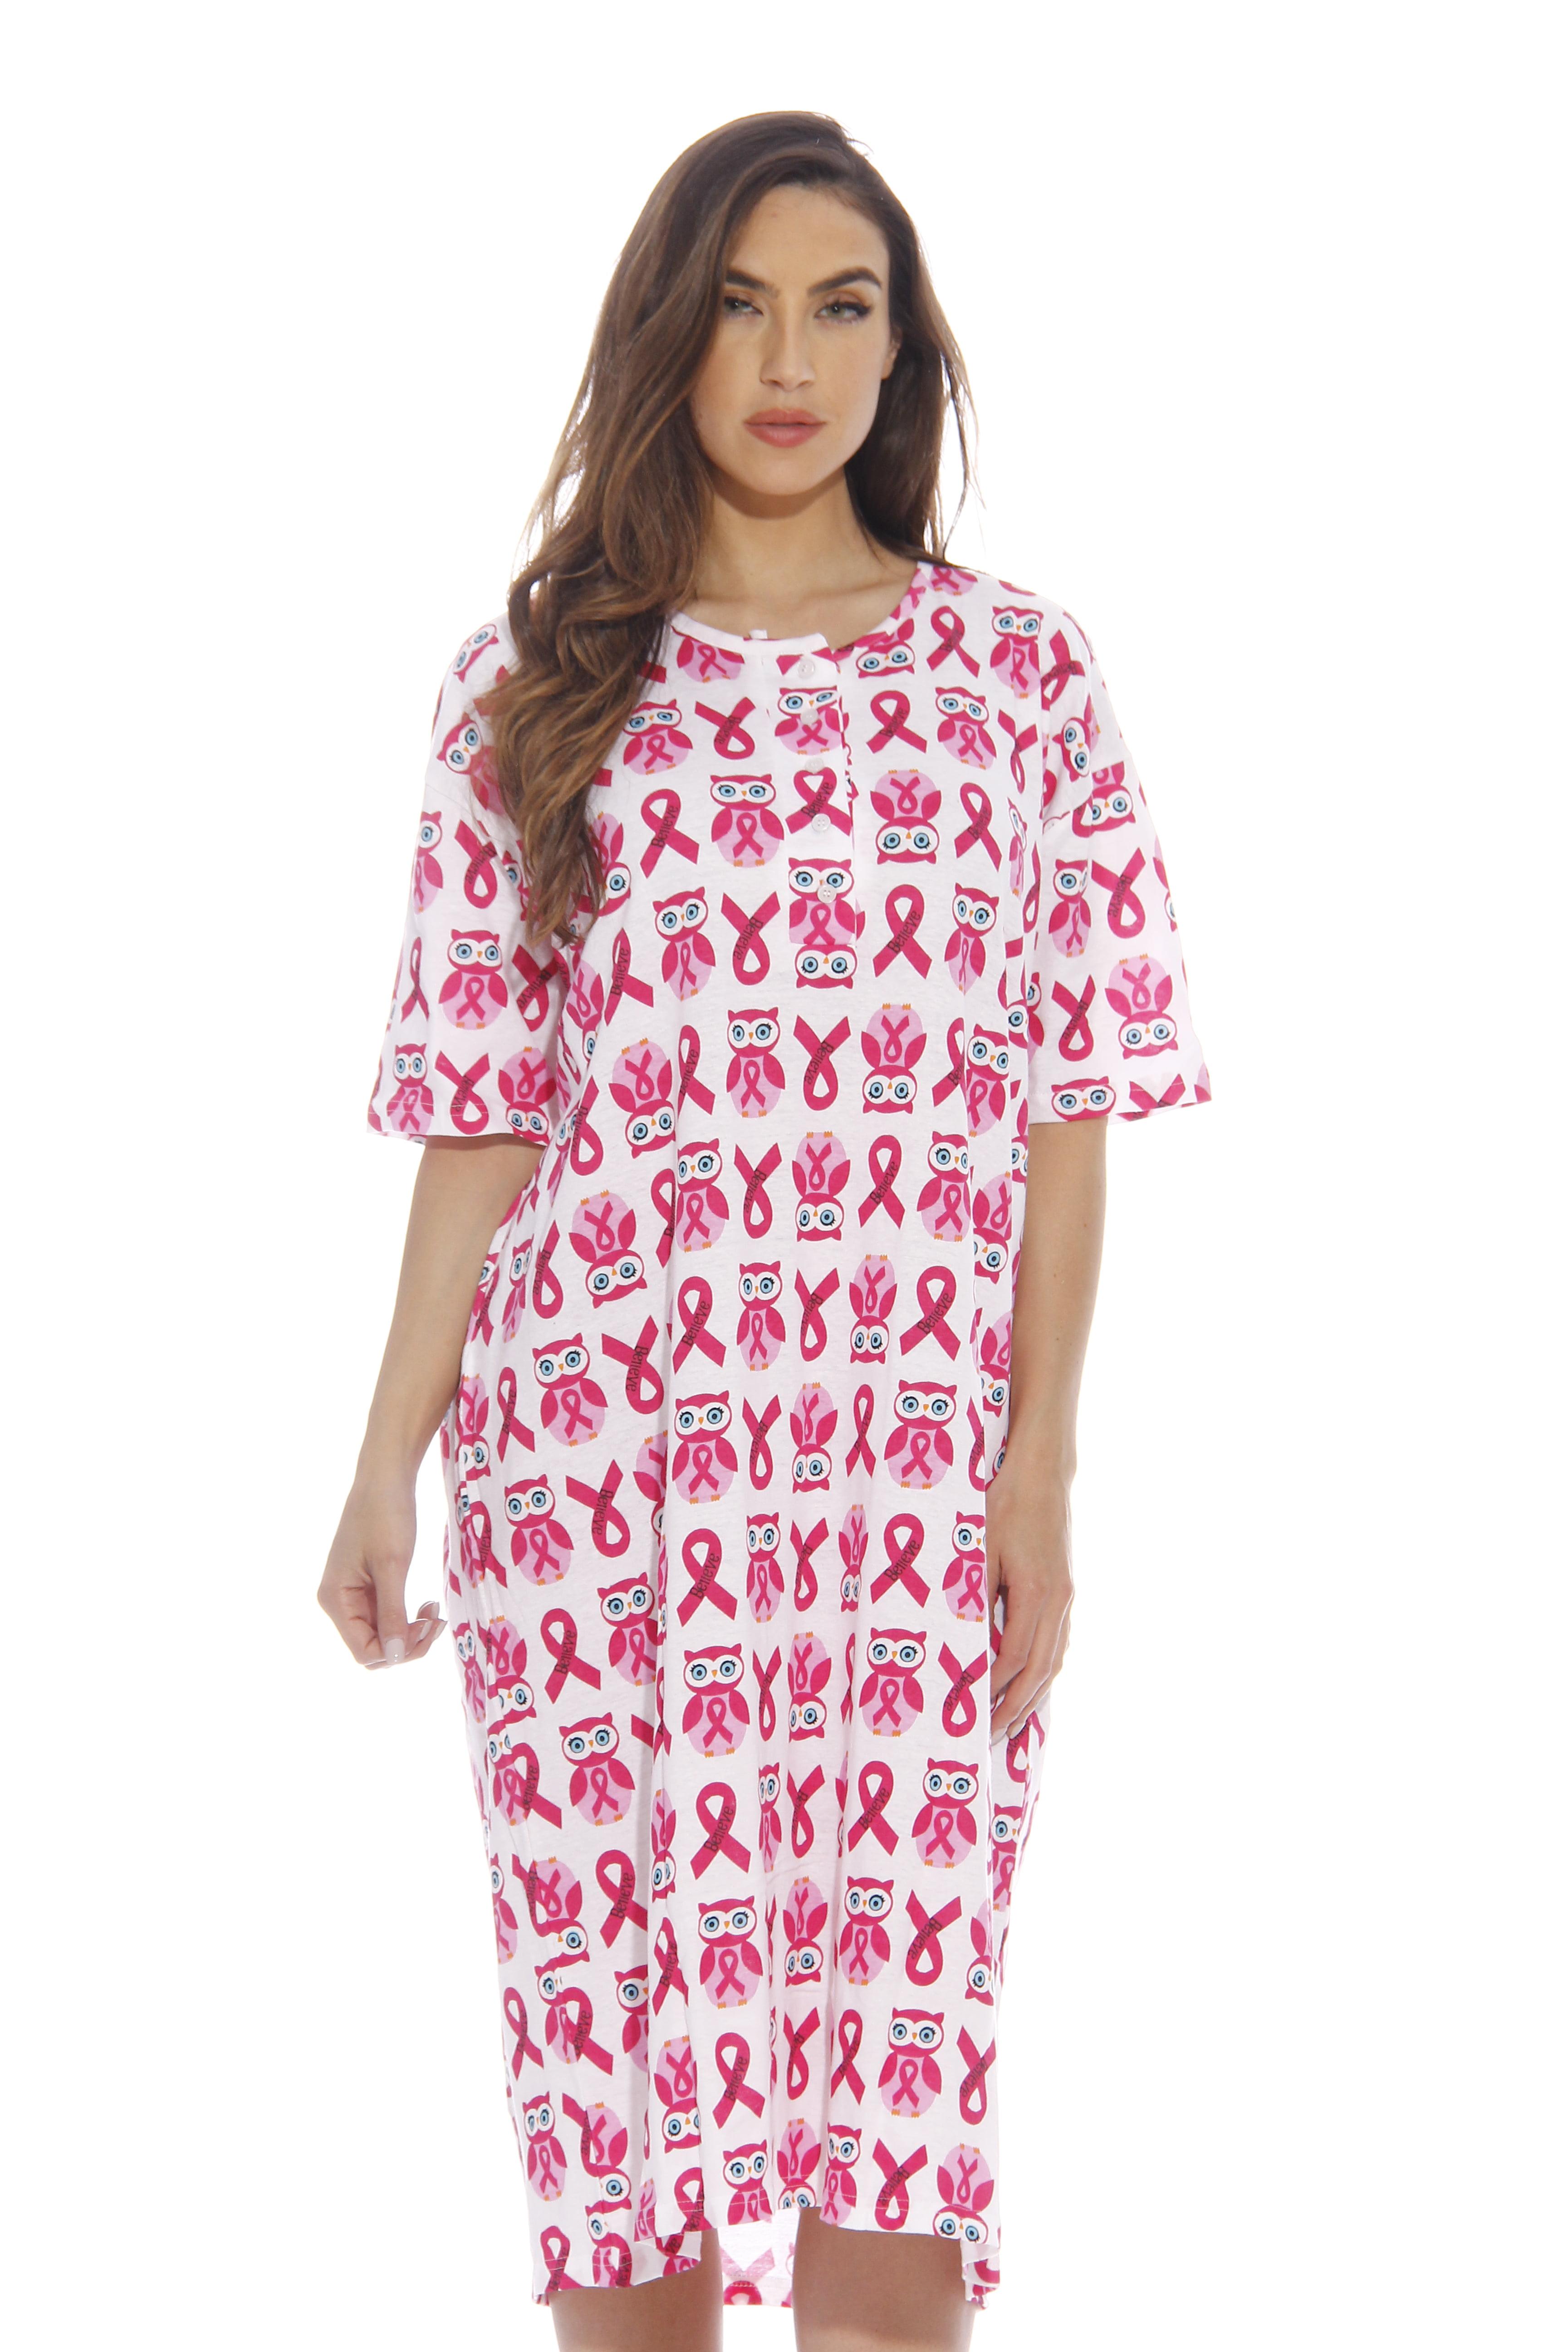 Dreamcrest Short Sleeve Nightgown / Sleep Dress for Women ...